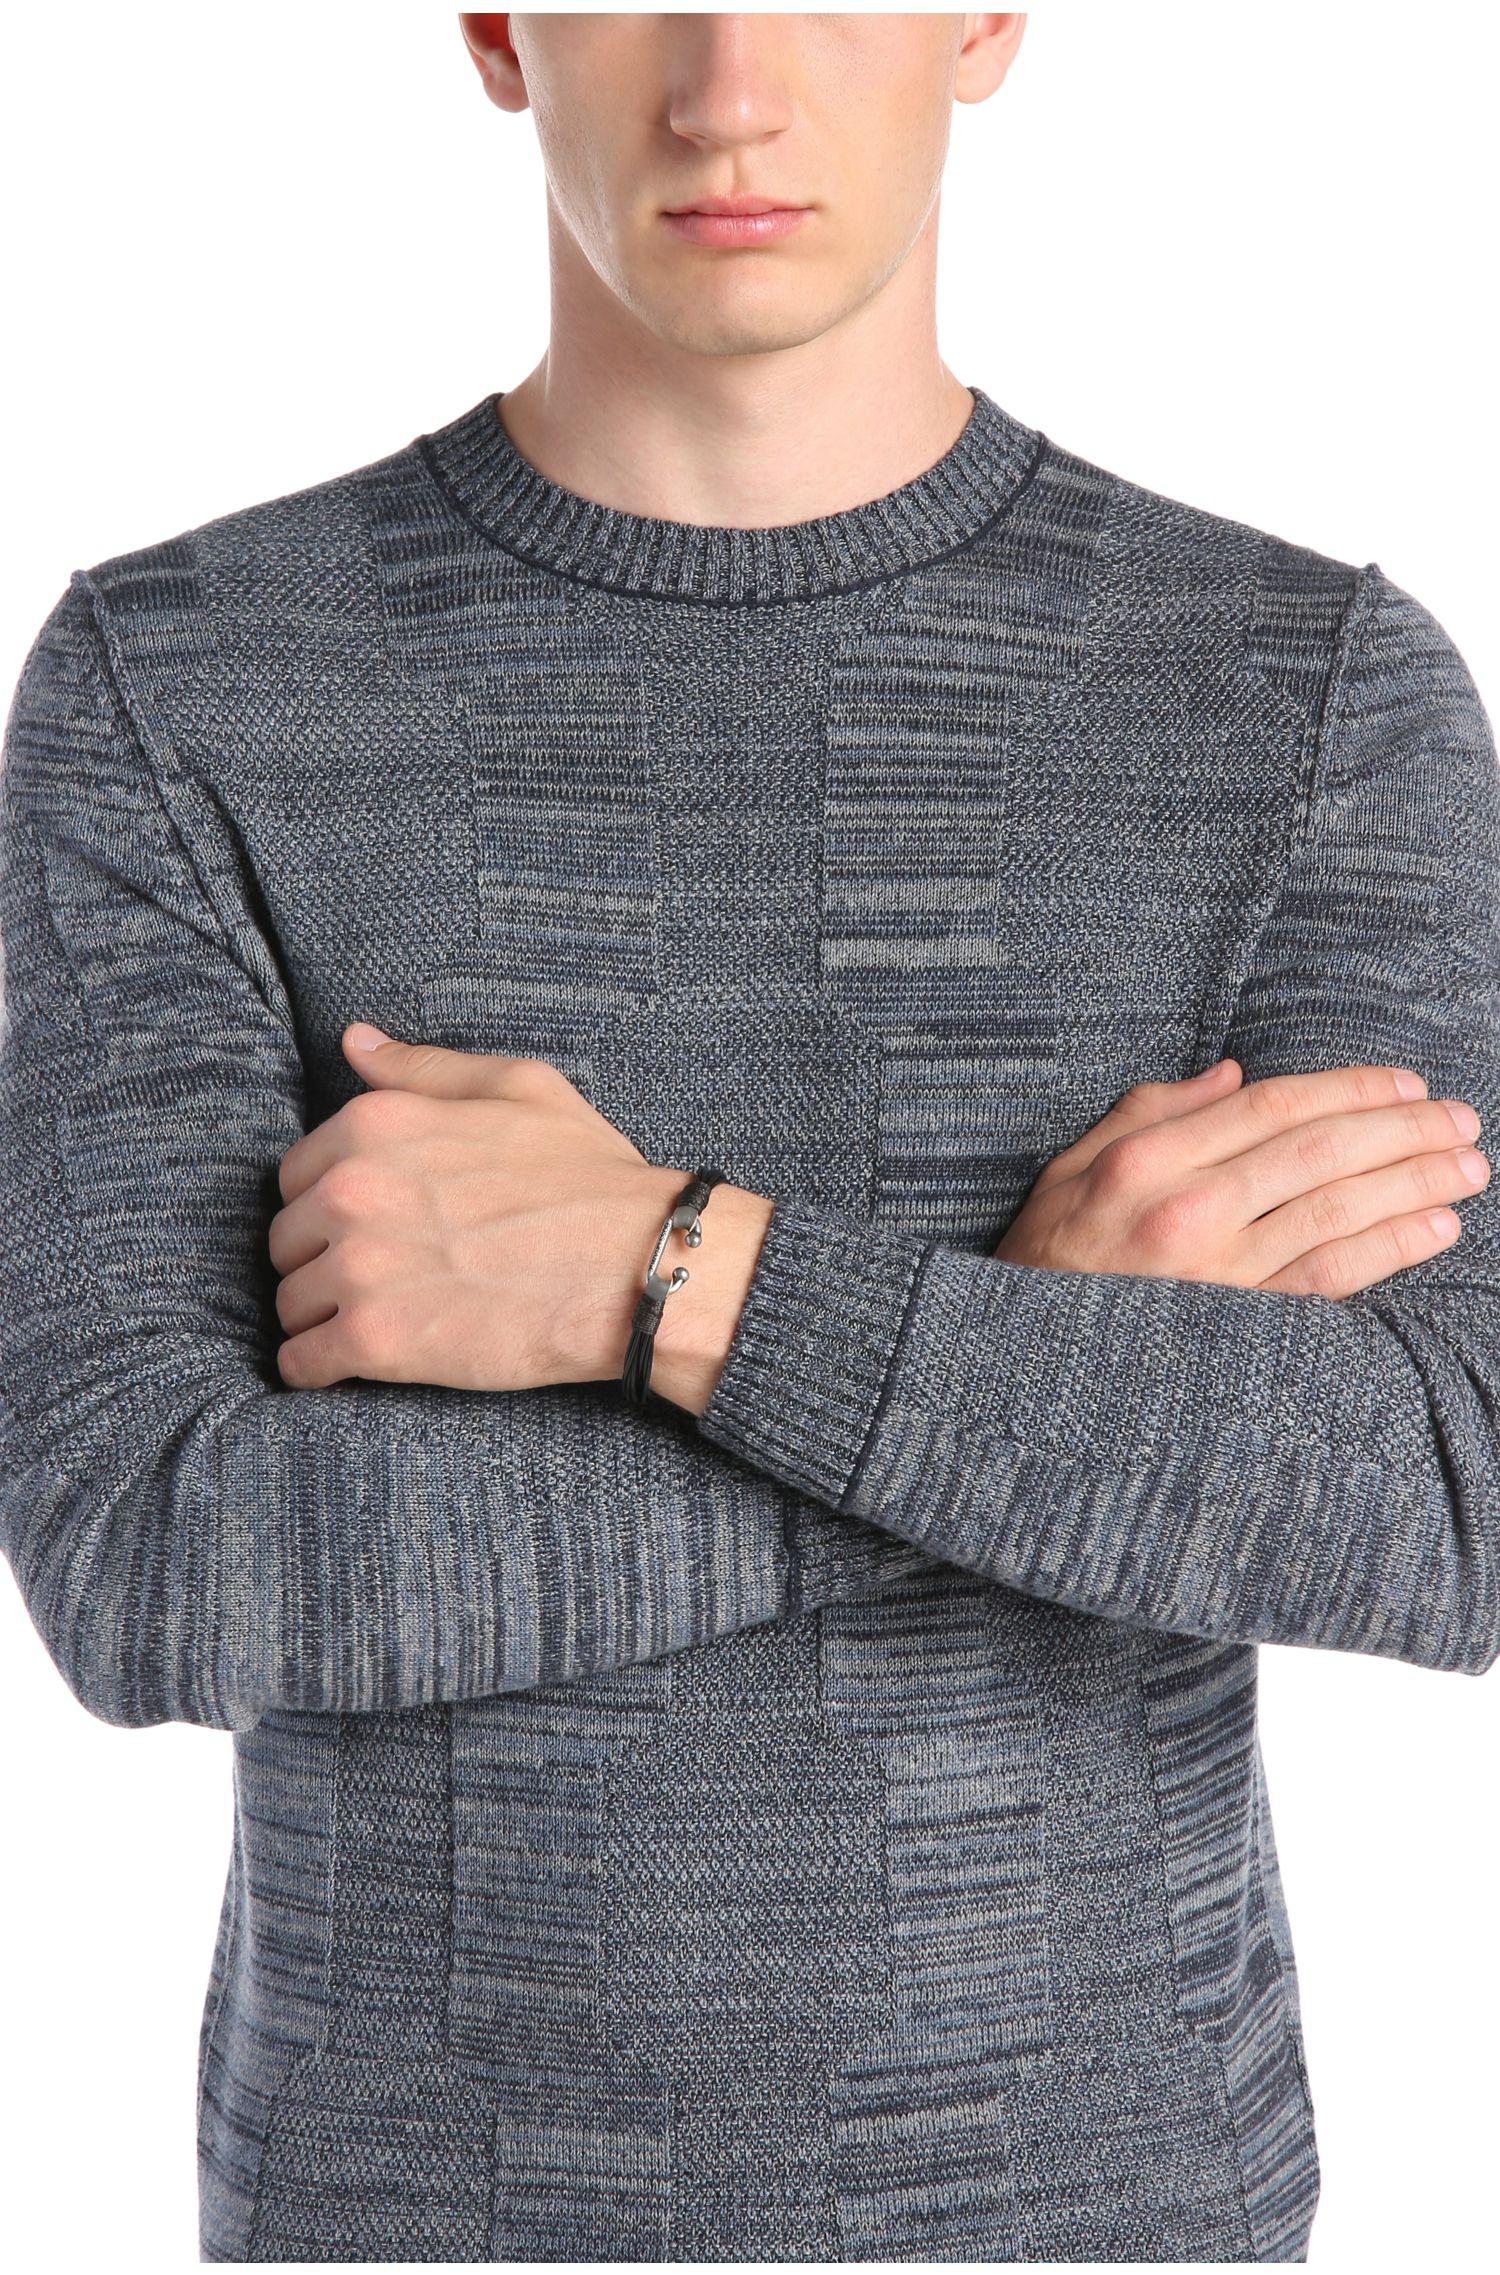 Armband aus Leder mit Metallverschluss: ´Milos`